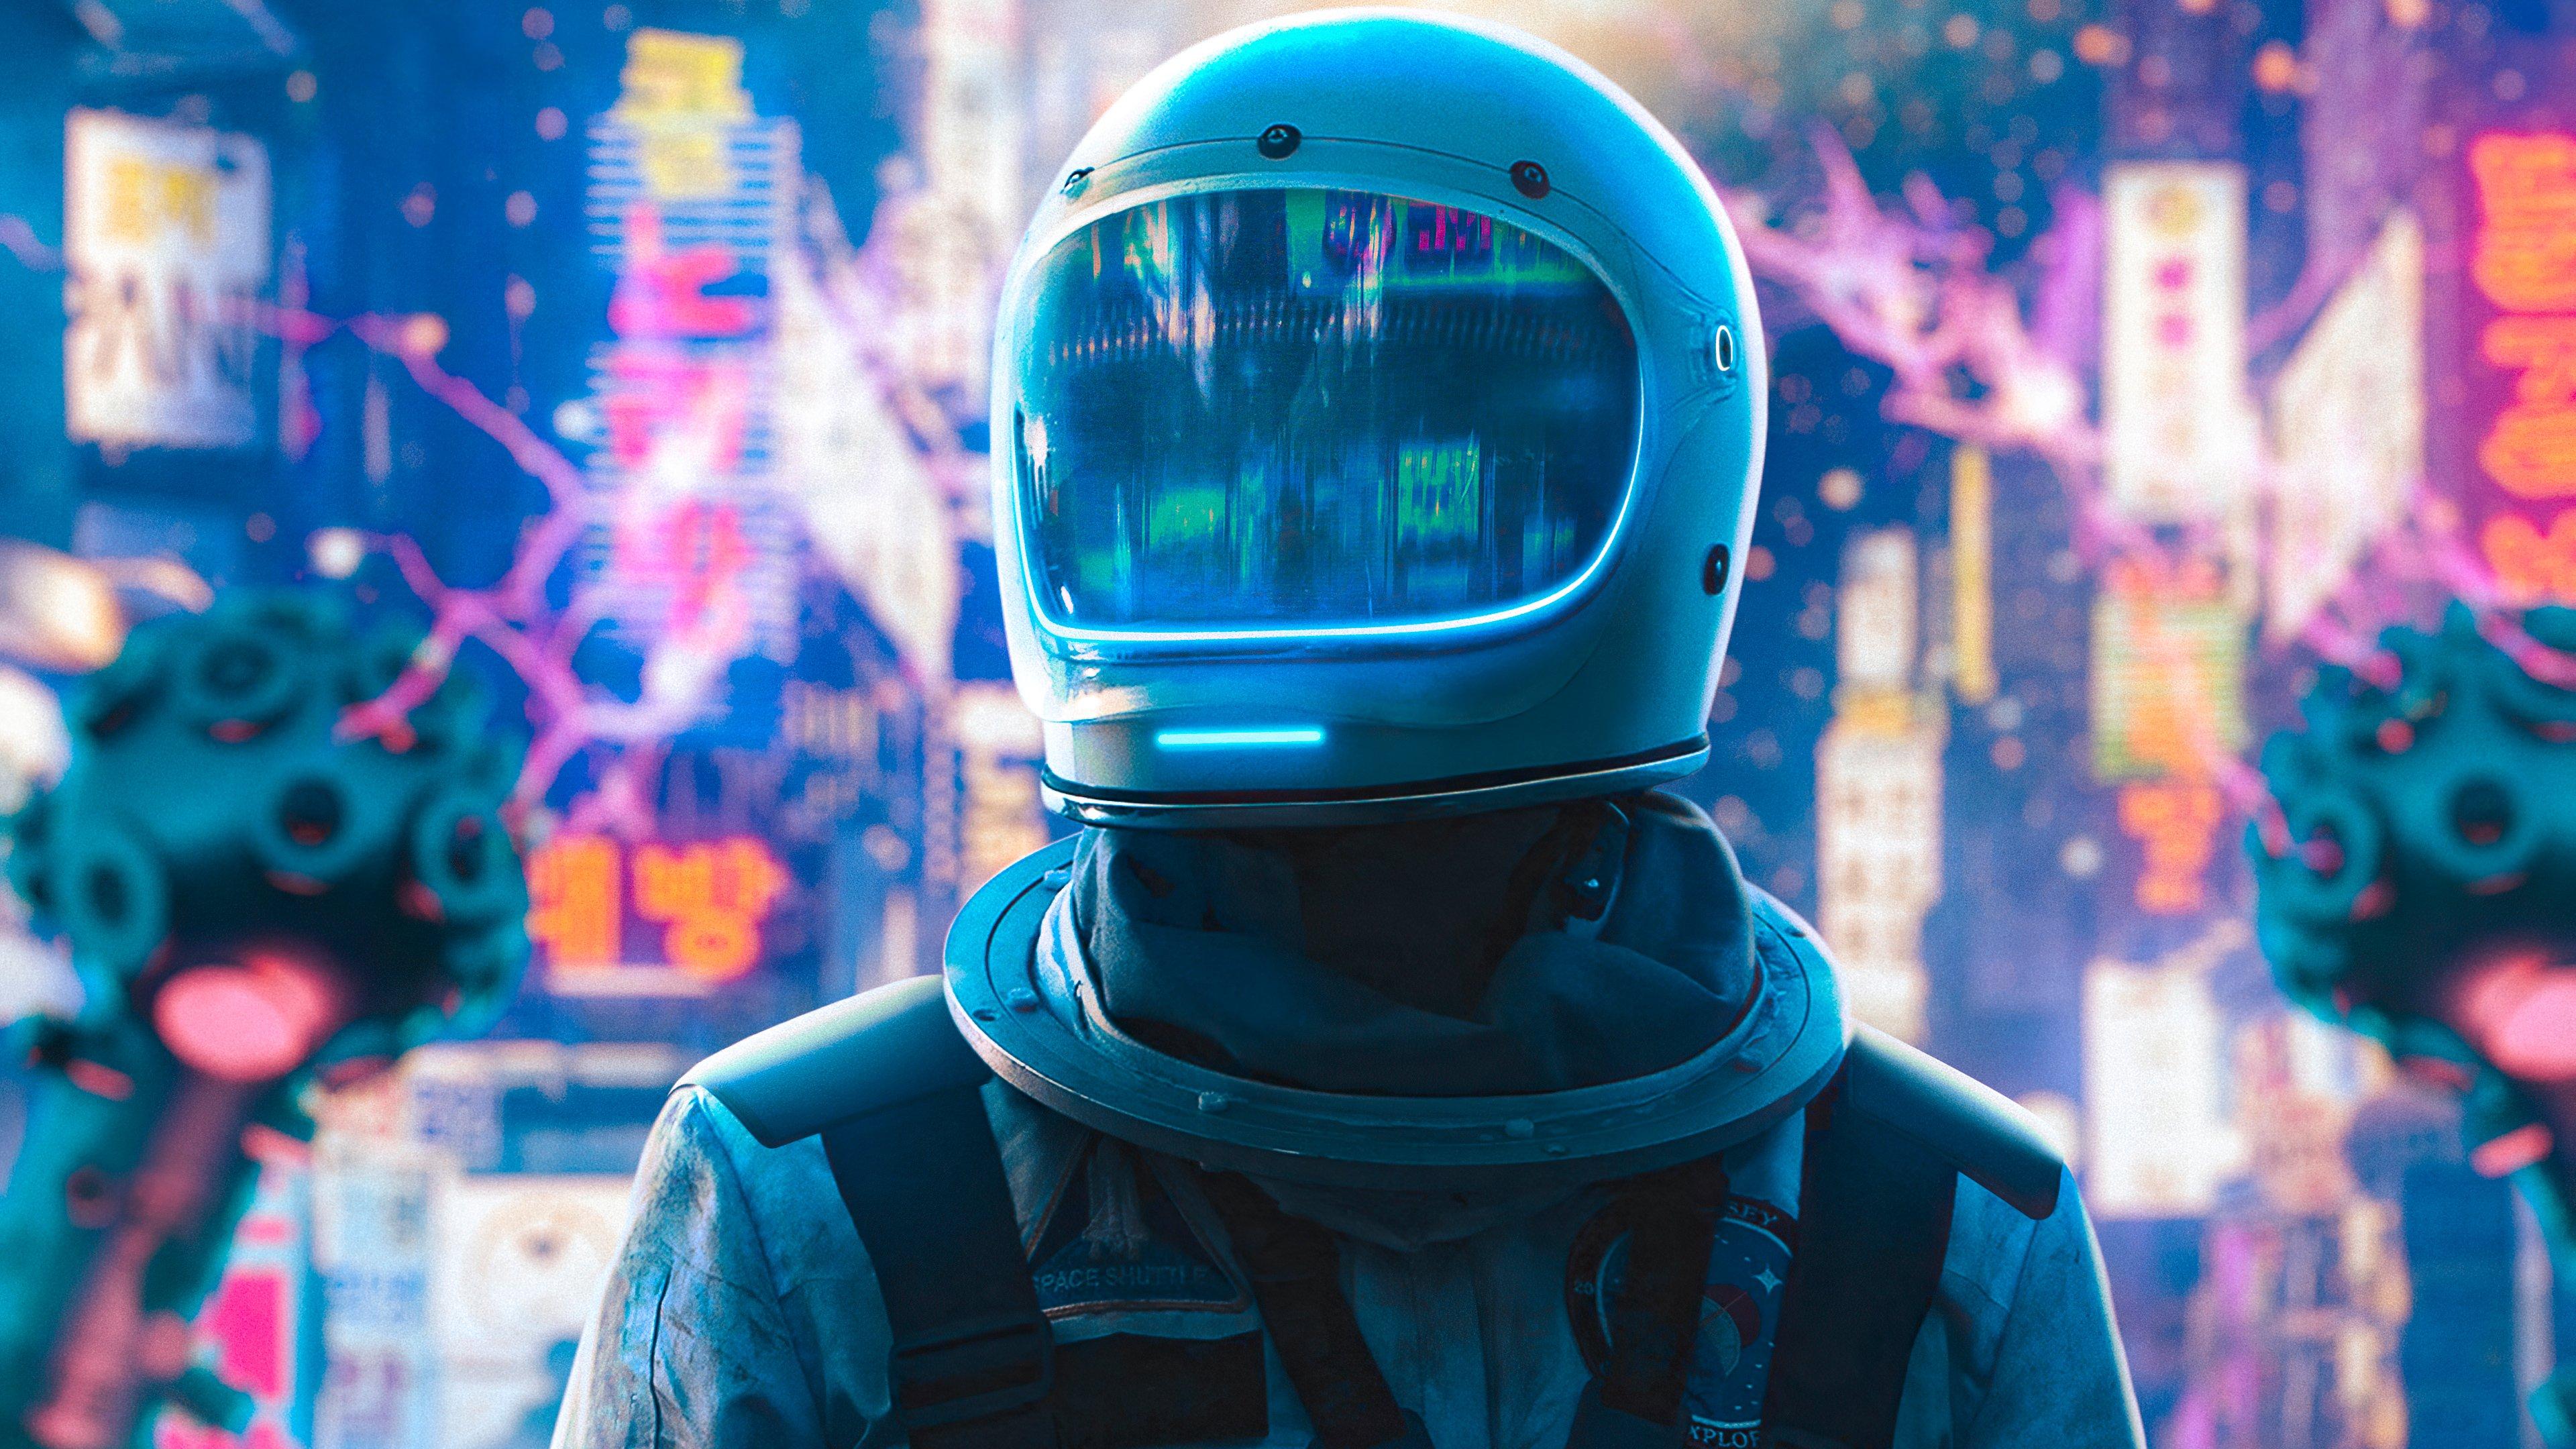 Fondos de pantalla Astronauta en ciudad neon